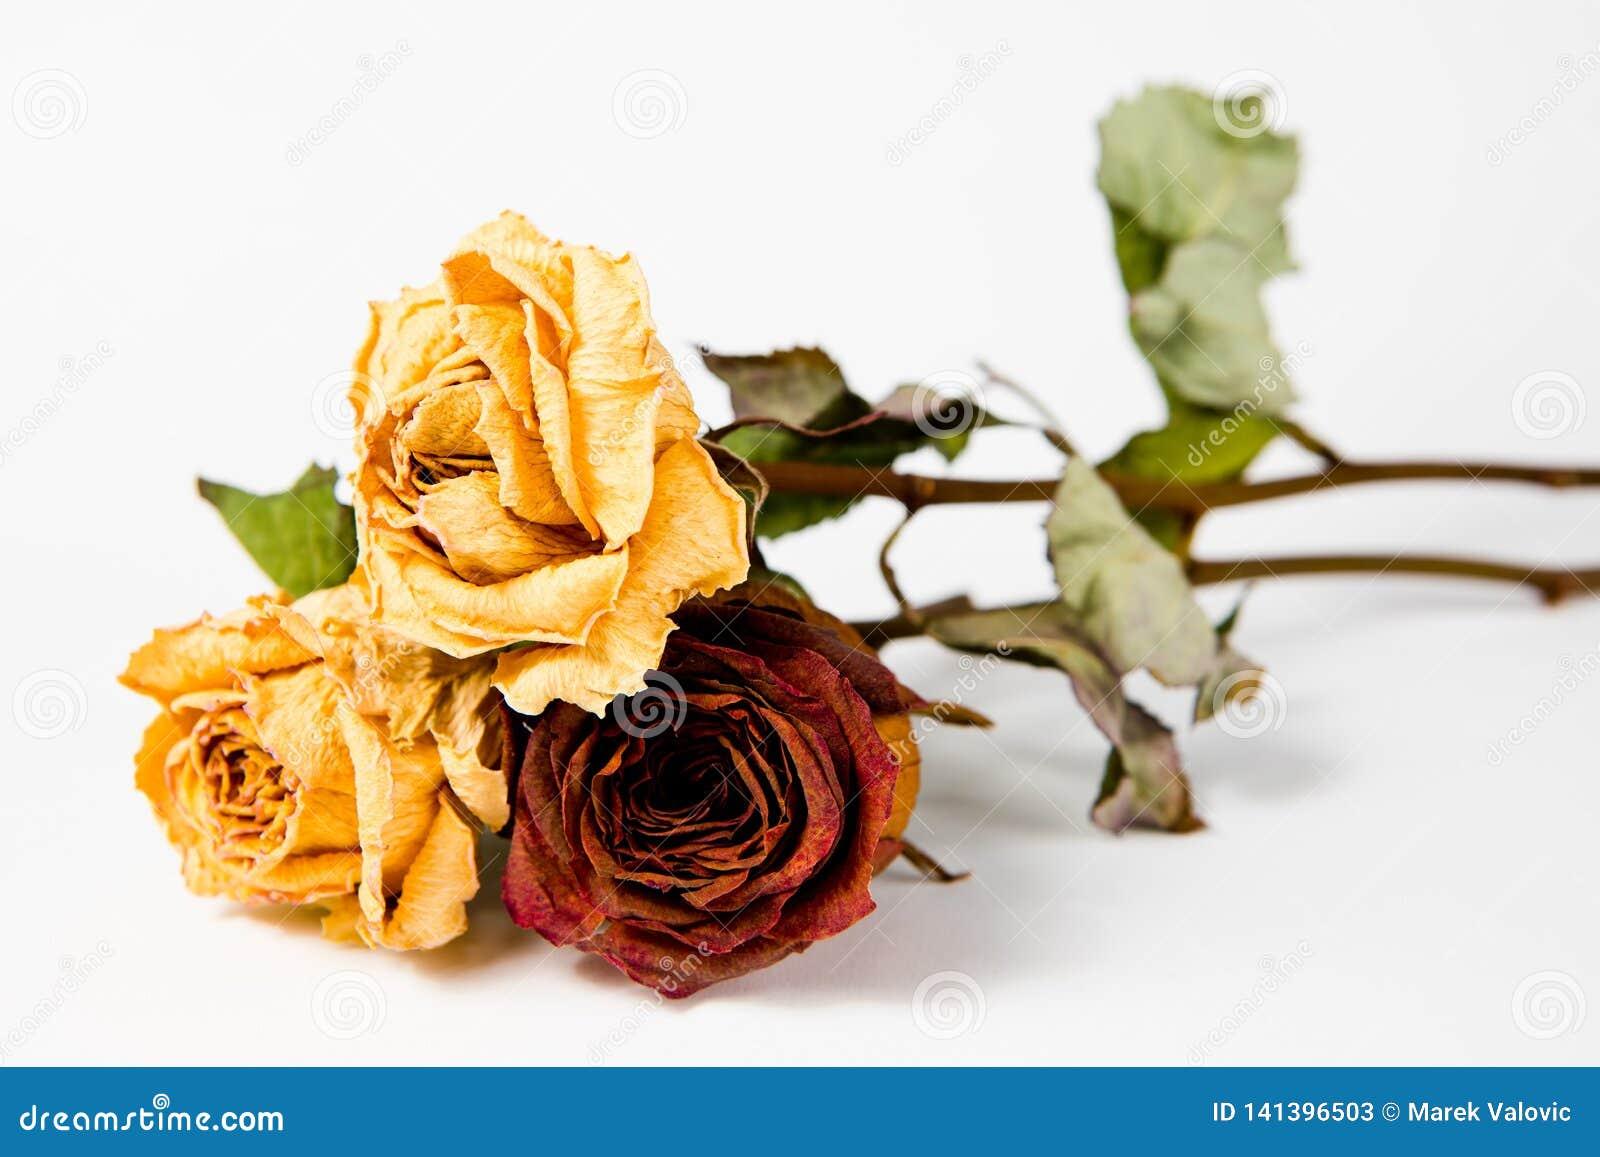 10 anos de rosas velhas - rainhas desvanecidas secas de toda a flora